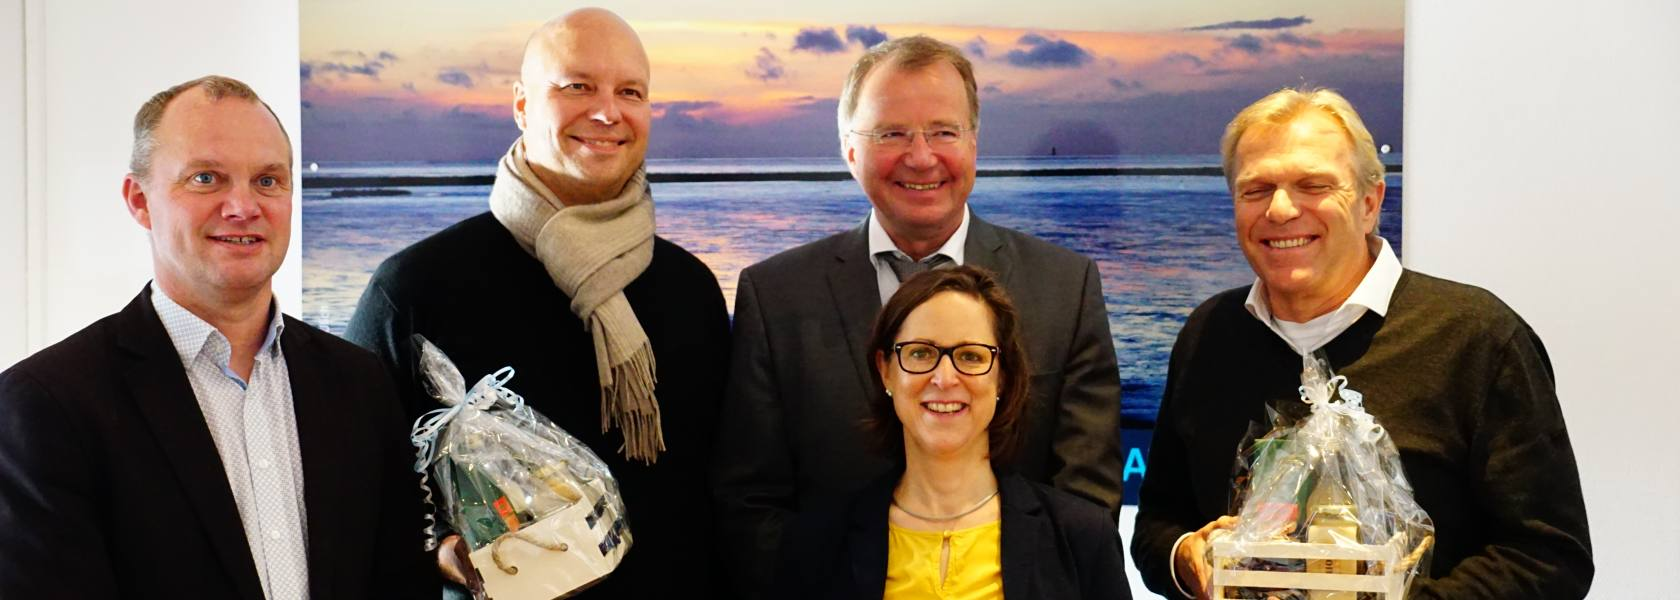 Göran Sell (2. v. li.) und Hinrik Dollmann (re.) verlassen zwar den Aufsichtsrat der Die Nordsee GmbH, doch Geschäftsführerin Carolin Wulke und Aufsichtsratsvorsitzender Armin Korok (dahinter) freuen sich bereits auf die Zusammenarbeit mit dem neuen Mitglied Berthold Tuitjer (li.), Bürgermeister der Inselgemeinde Baltrum., © Die Nordsee GmbH